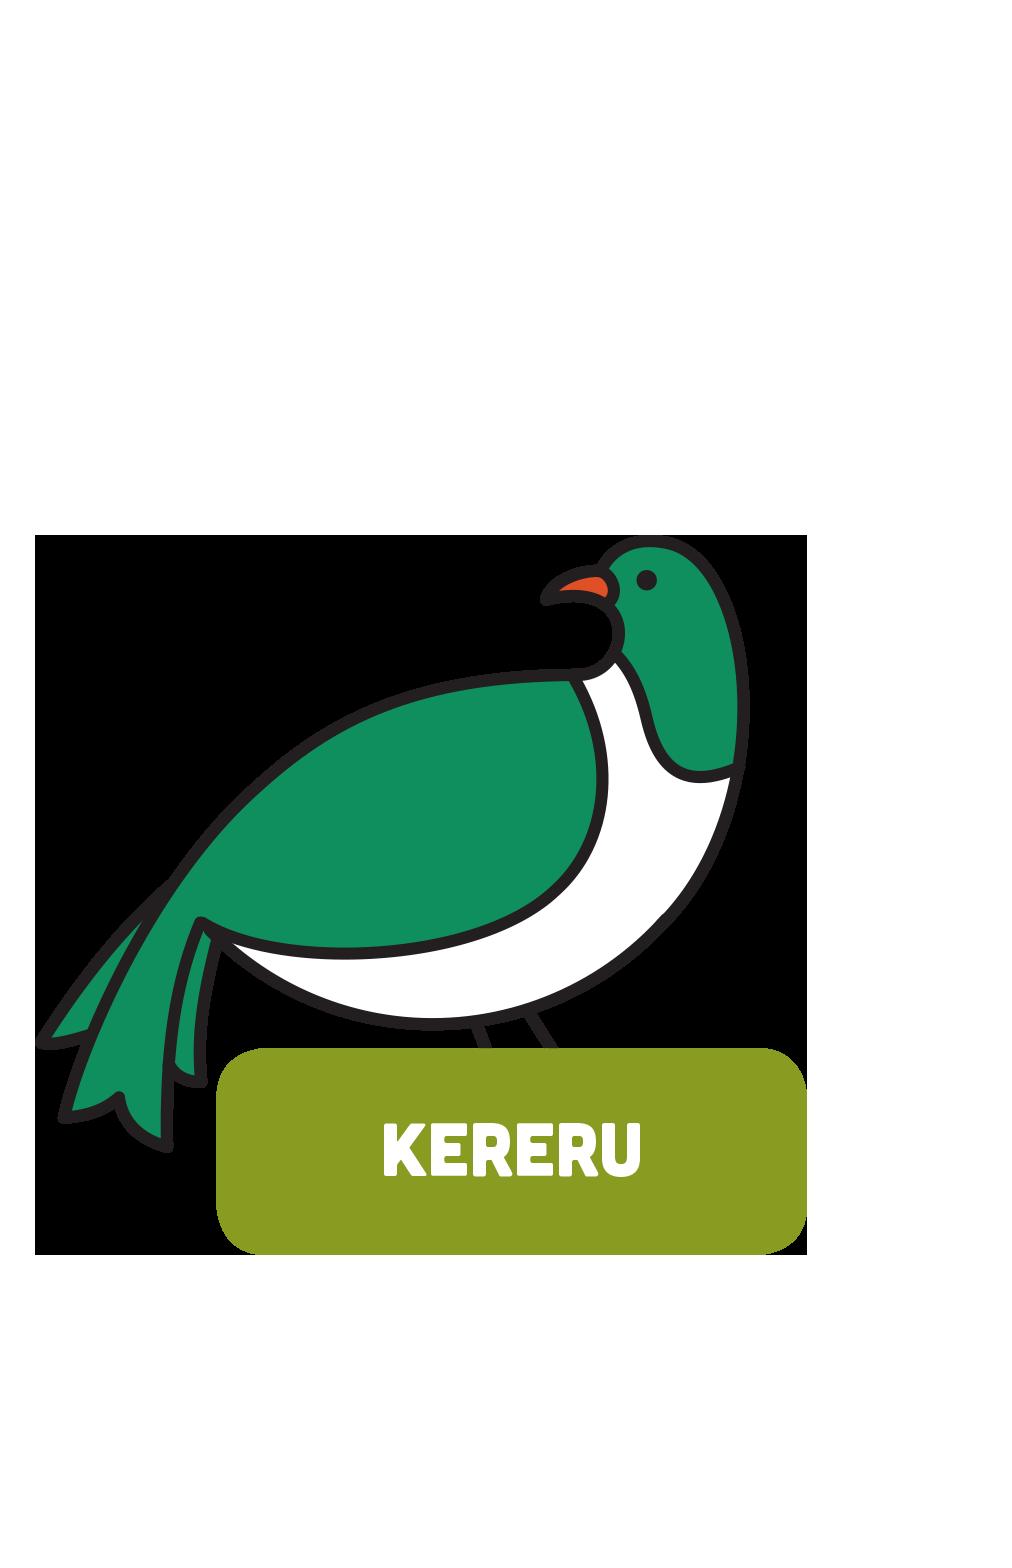 Kererū Pārua